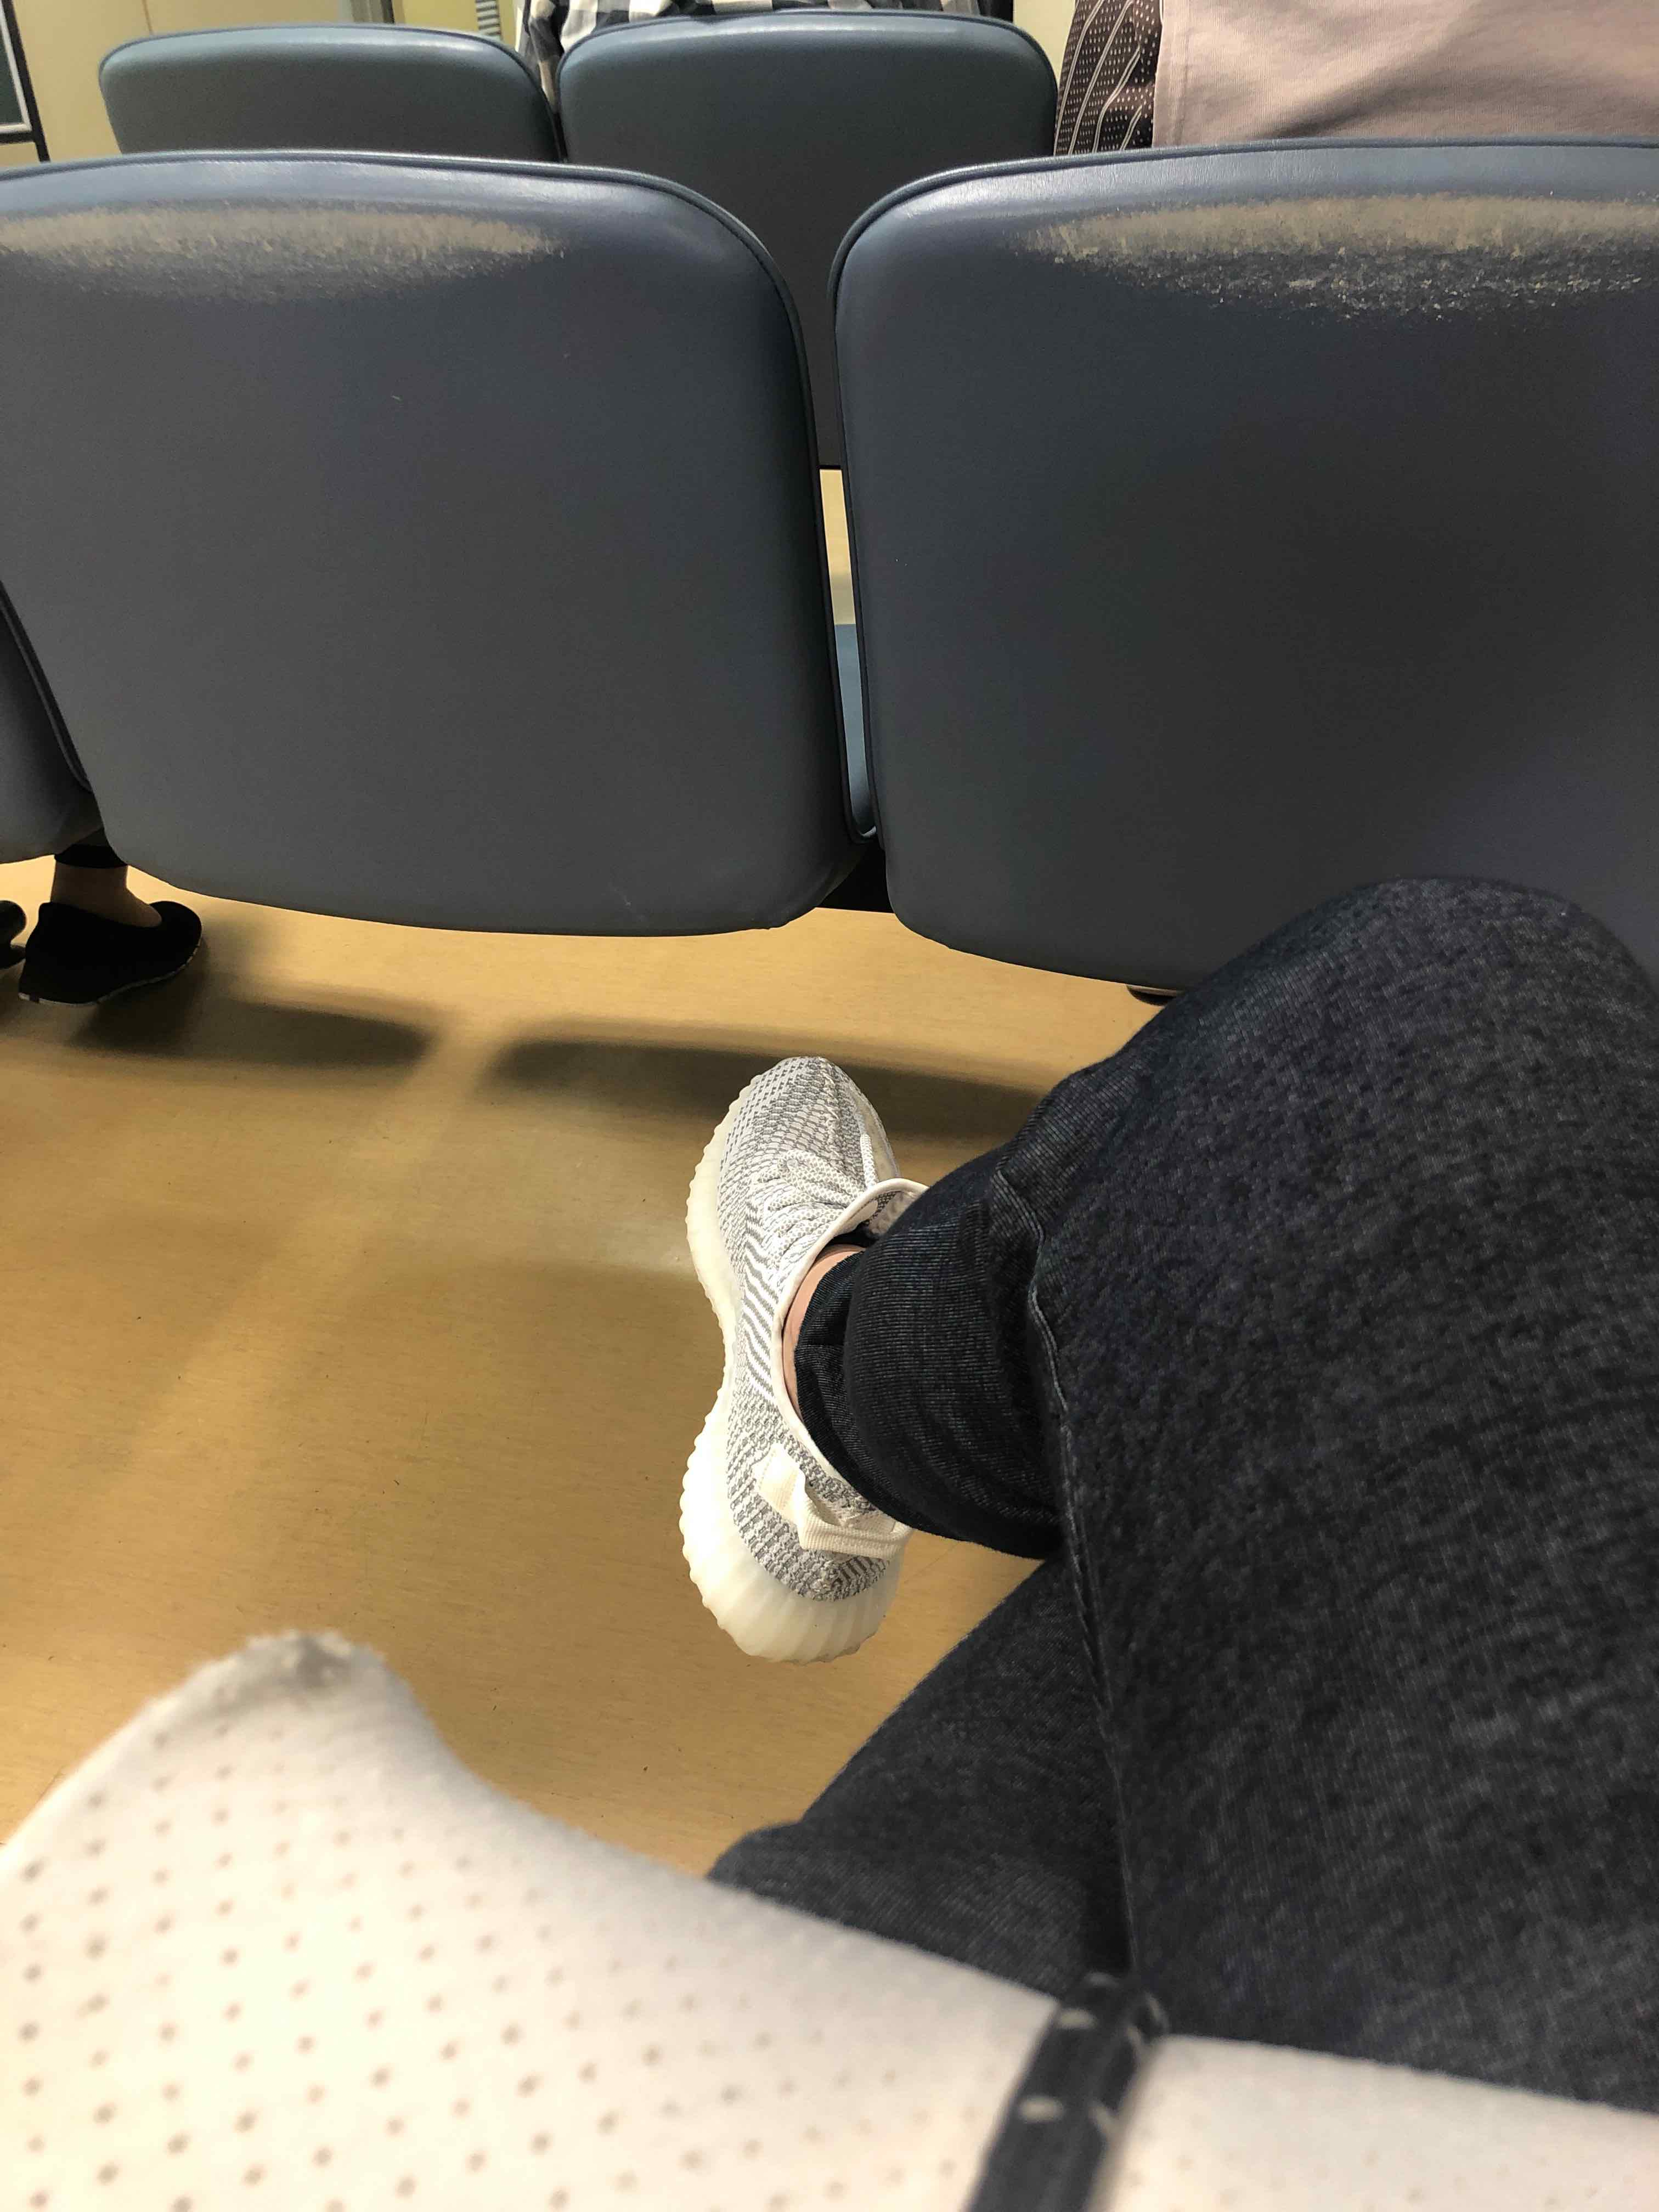 今は、病院の待合です。 膝が、痛い…  アントリア欲しいです。